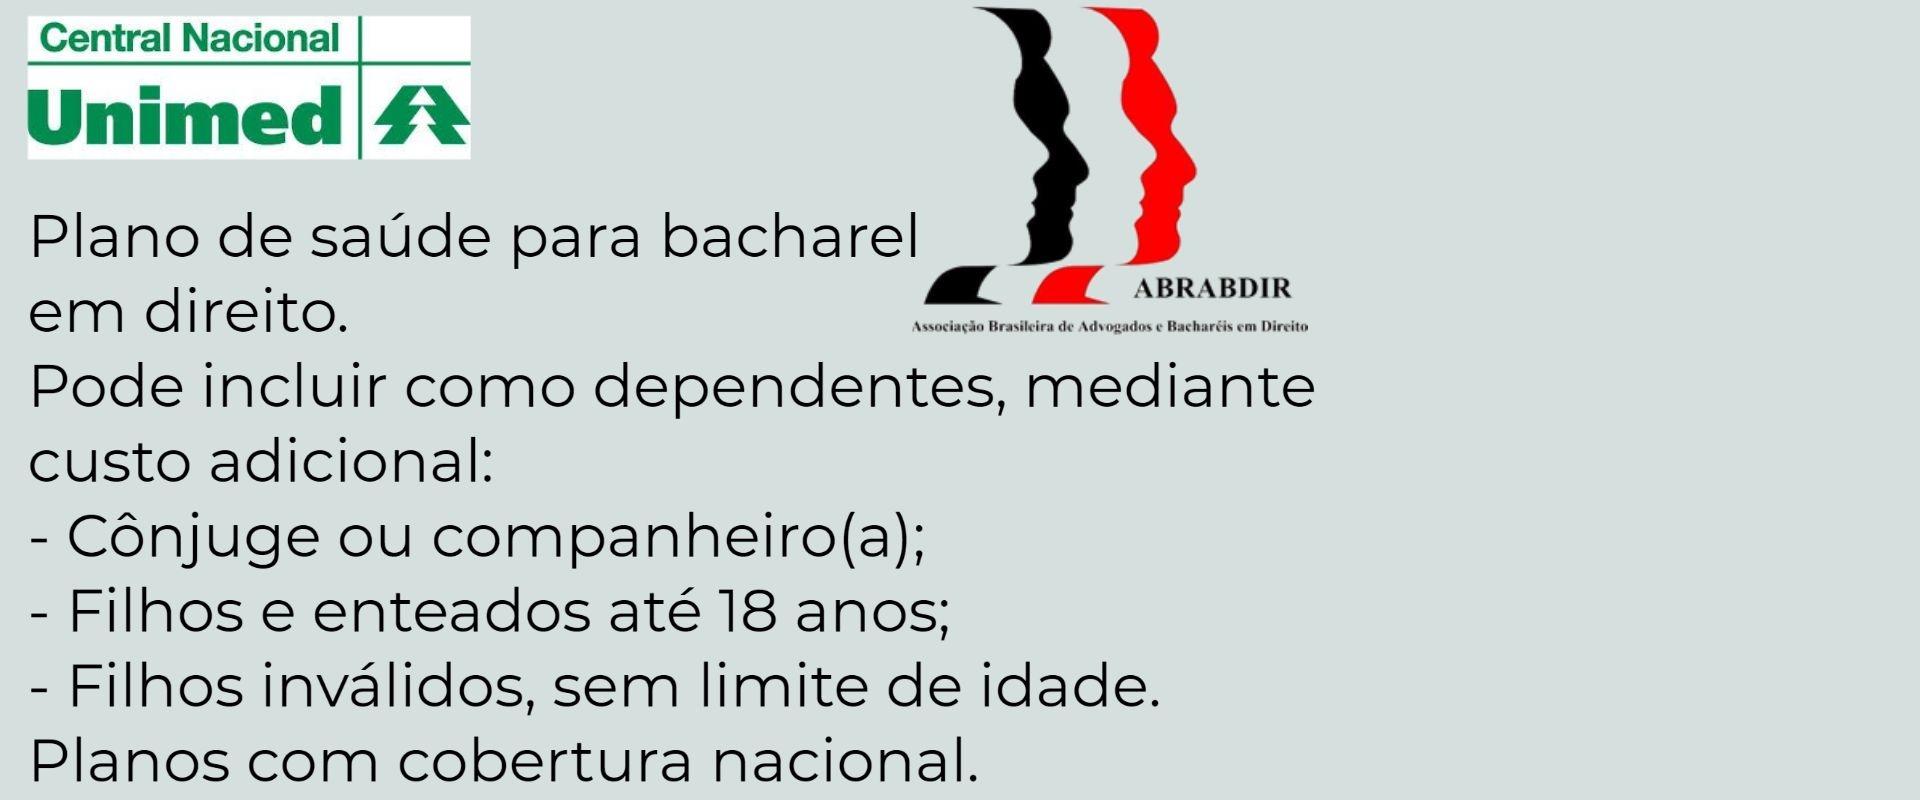 Unimed ABRABDIR Amparo